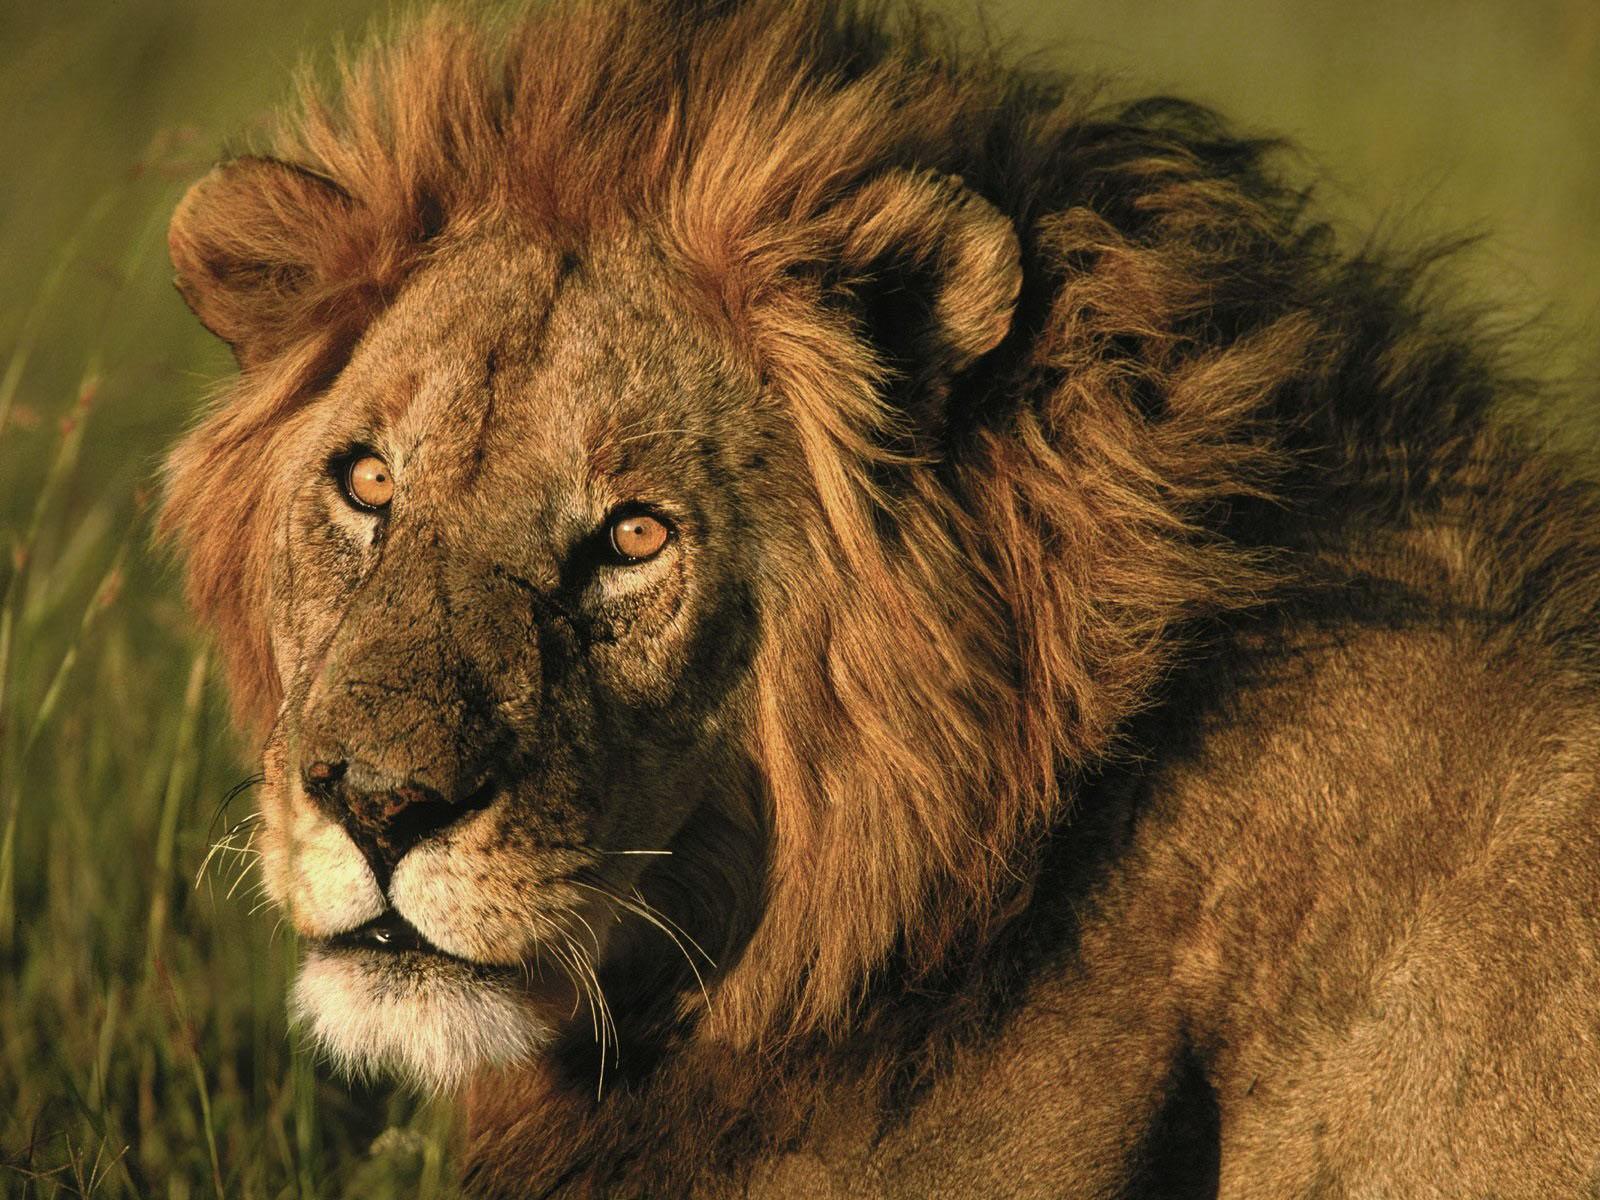 Best Desktop HD Wallpaper   Lion HD wallpapers 1600x1200